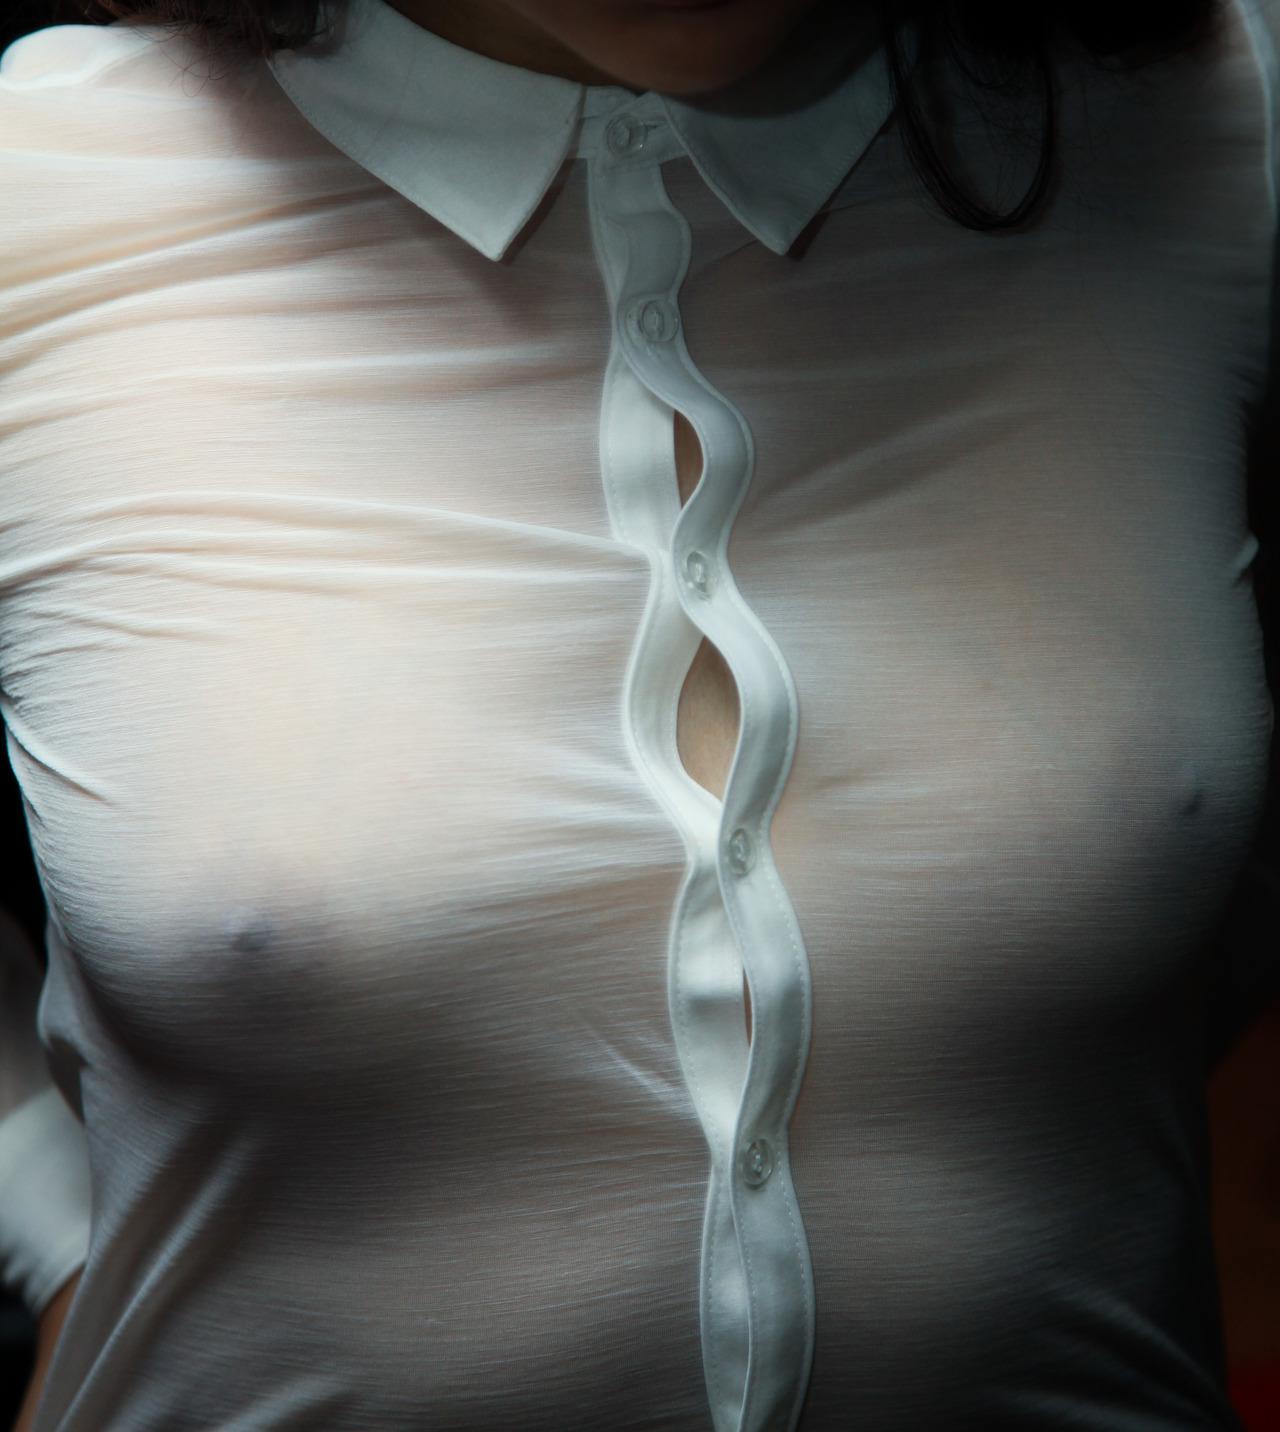 ノーブラで過ごす女の乳首がコリッコリにピン立ちして服の上から見えてるエロ画像 1715